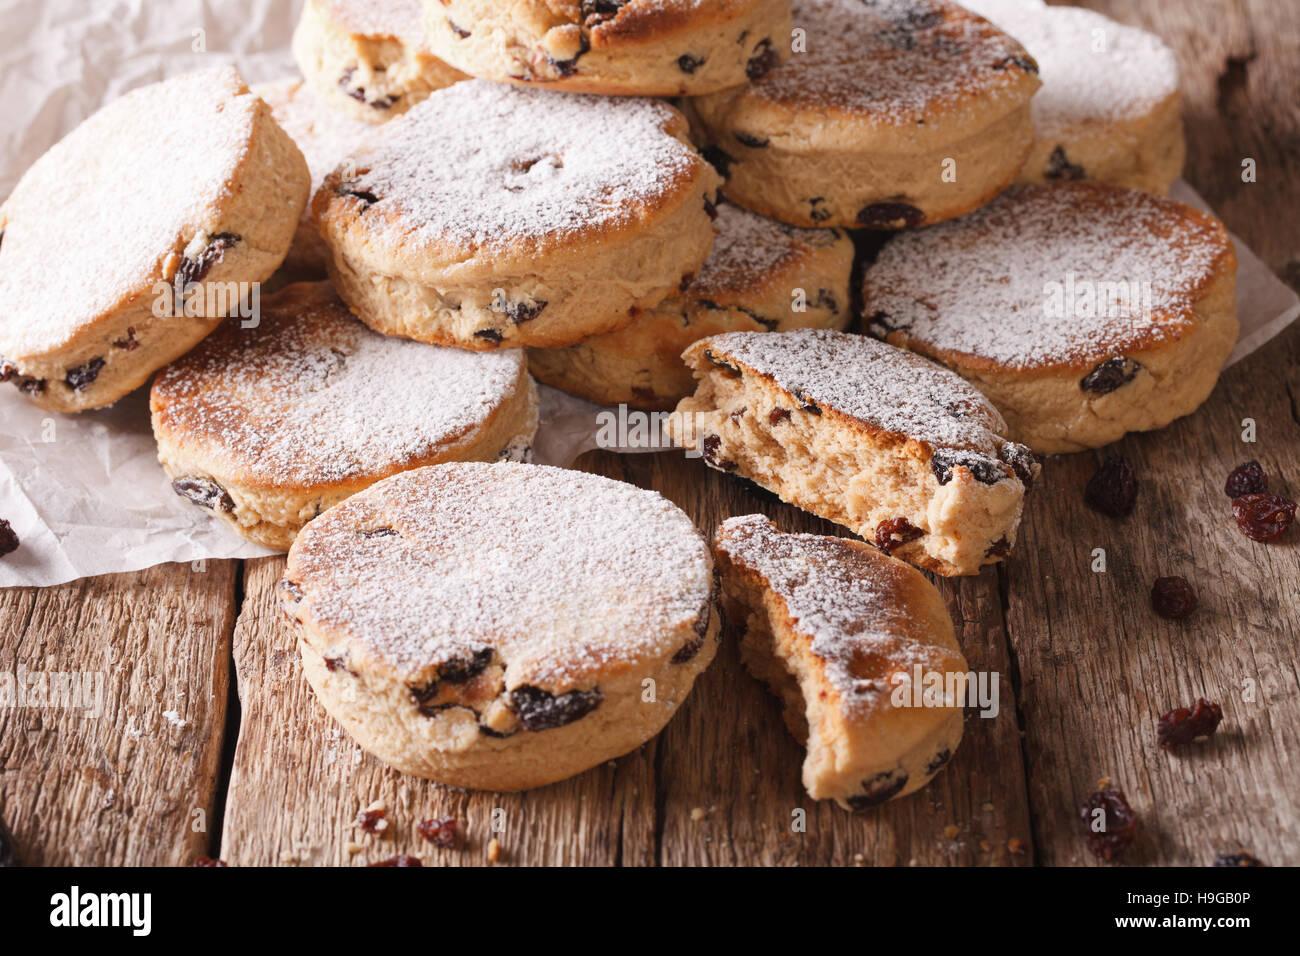 Cucina gallese: torte con uvetta e zucchero in polvere vicino sul tavolo. Posizione orizzontale Immagini Stock